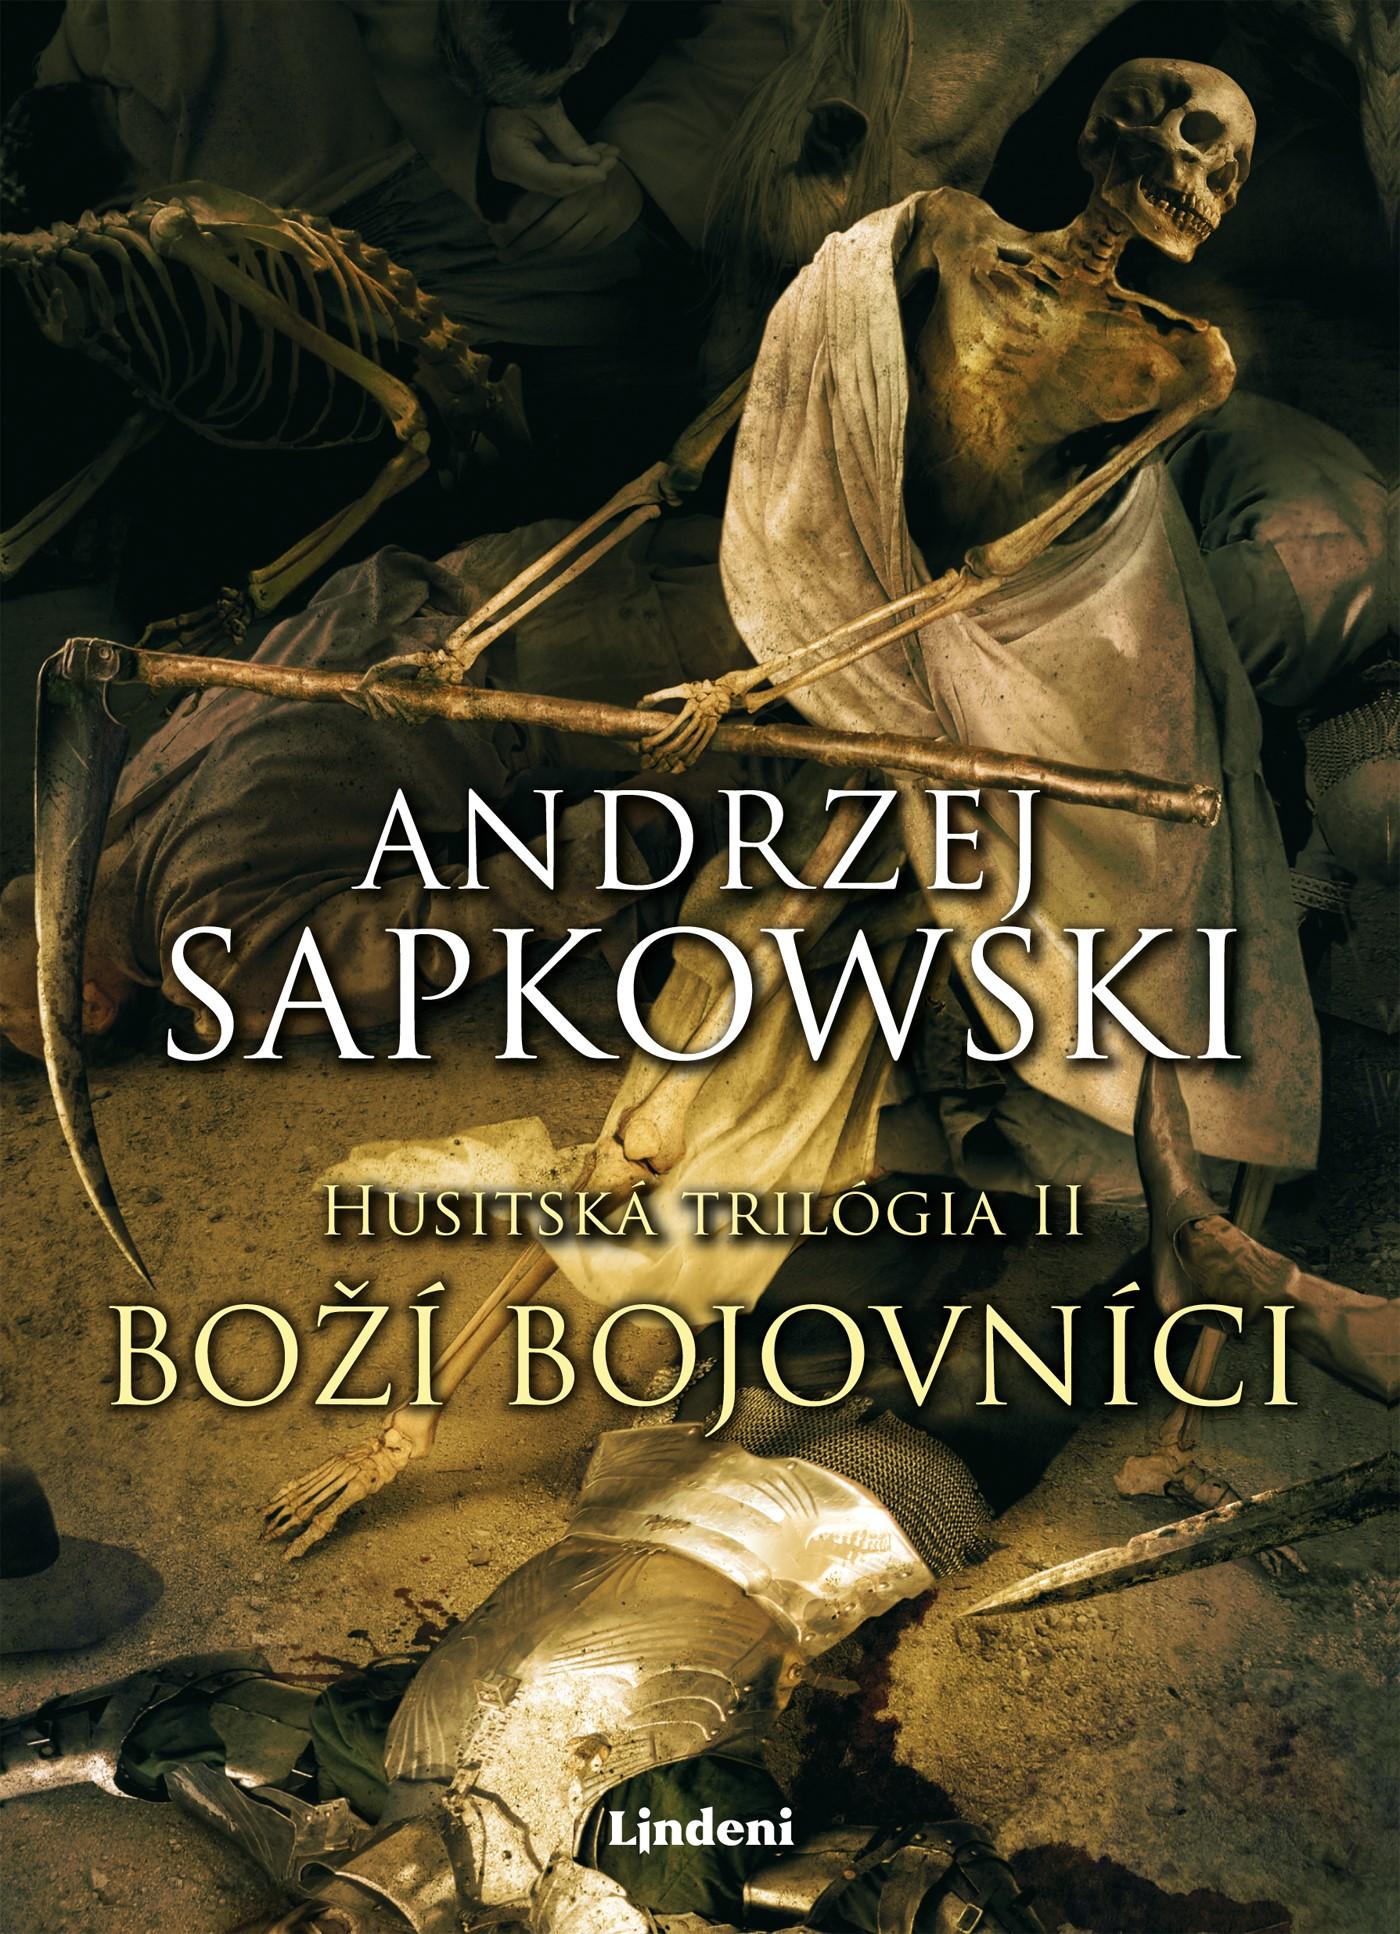 Obálka knihy Boží bojovníci  (Andrzej Sapkowski)